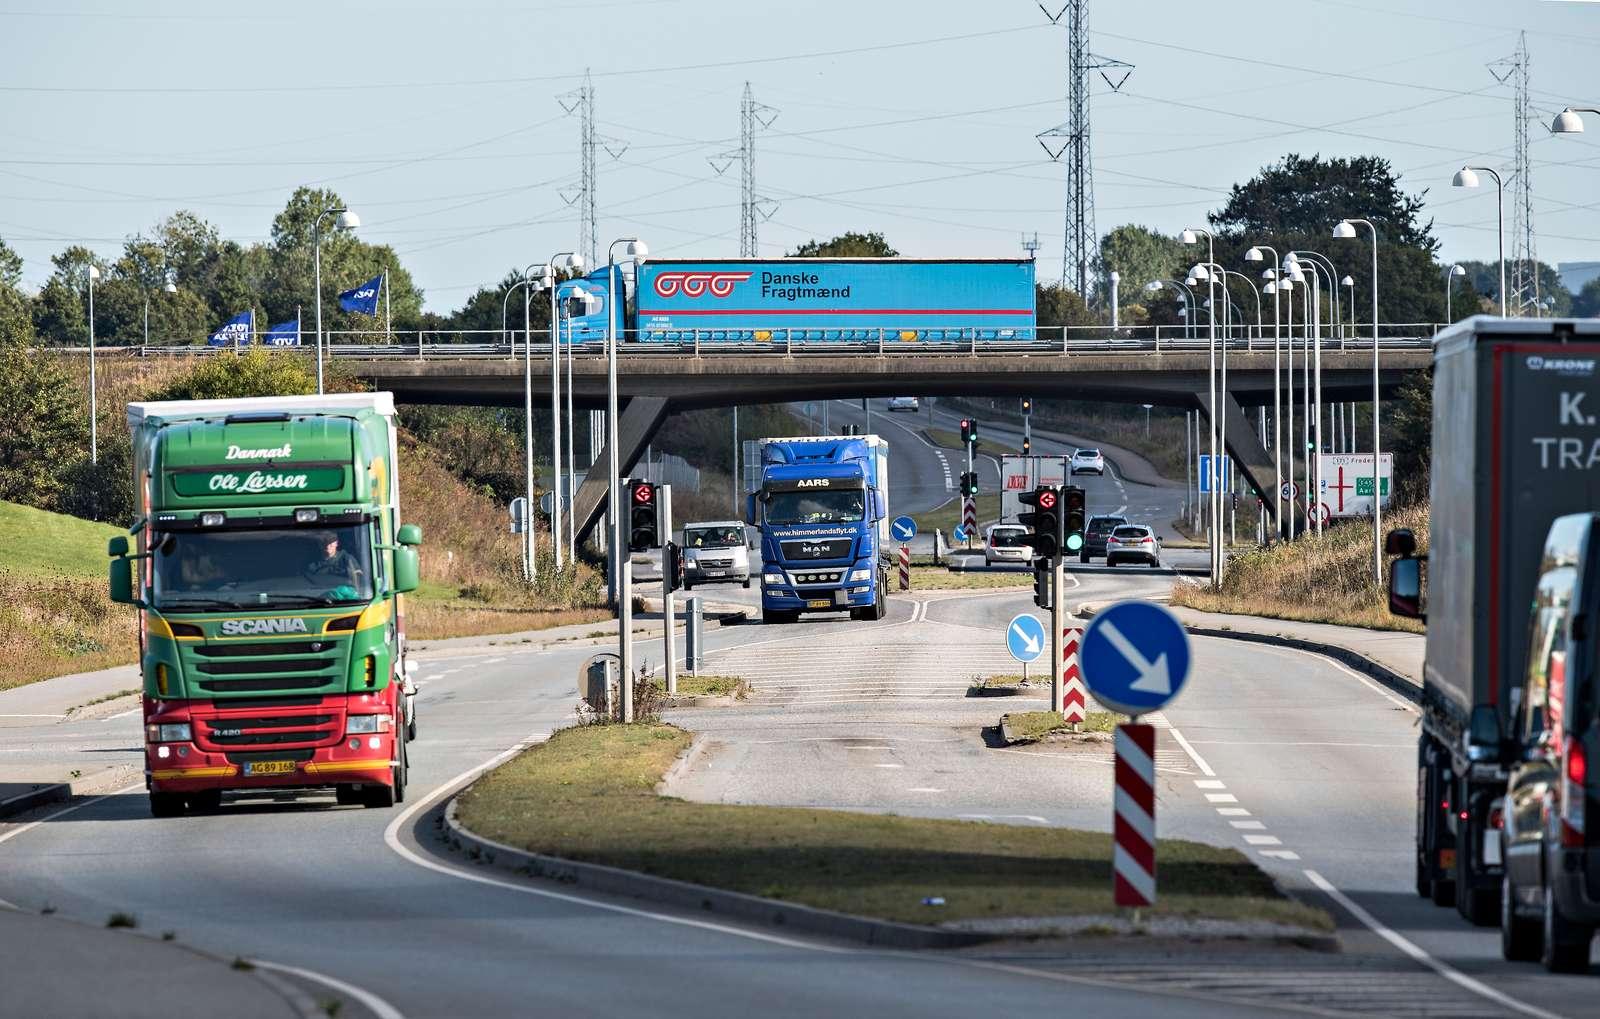 Udvalg sætter gang i infrastrukturprojekter i DanmarkC